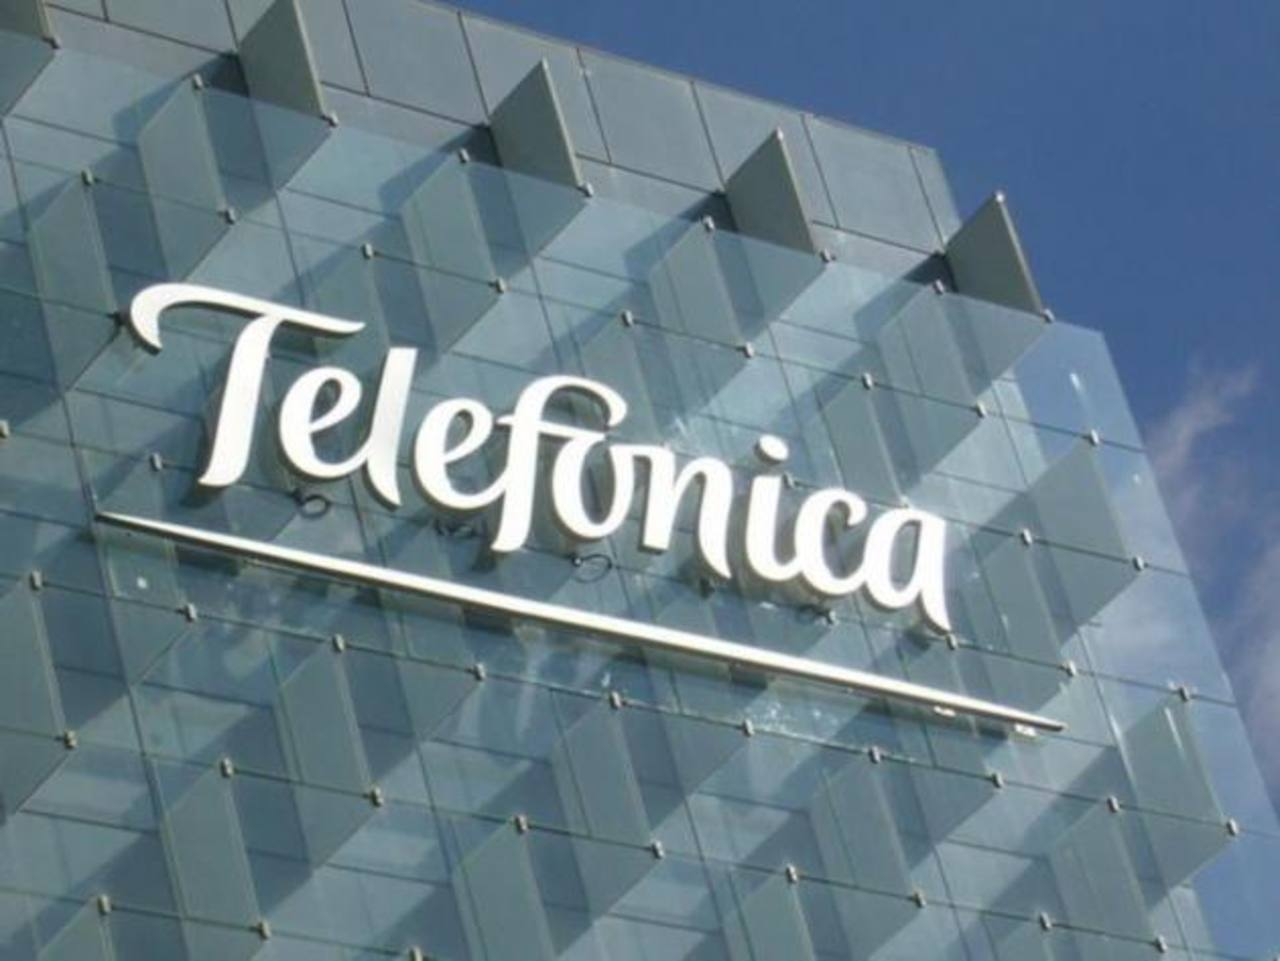 Telefónica espera que el gobierno mexicano implemente rápido las reformas al sector que aún están en etapa legislativa.